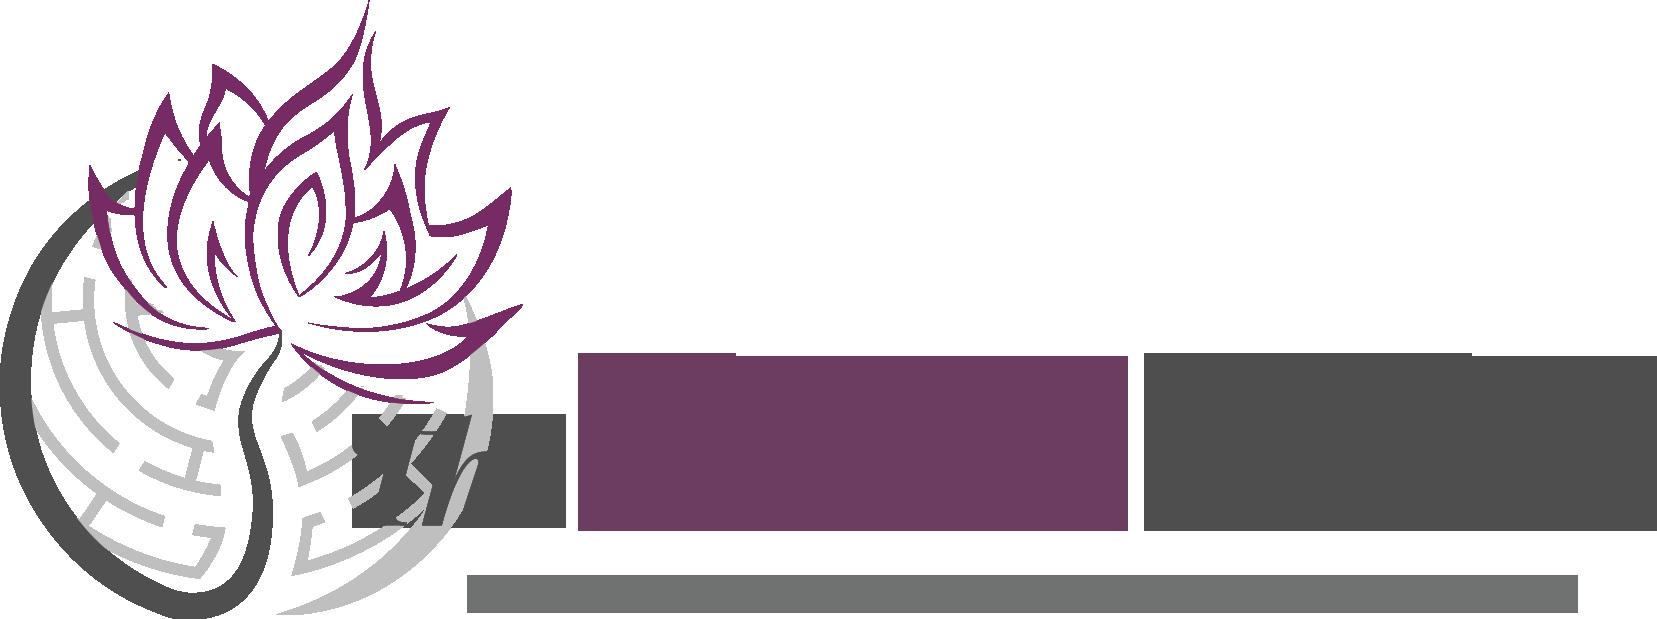 The Event Maze logo design